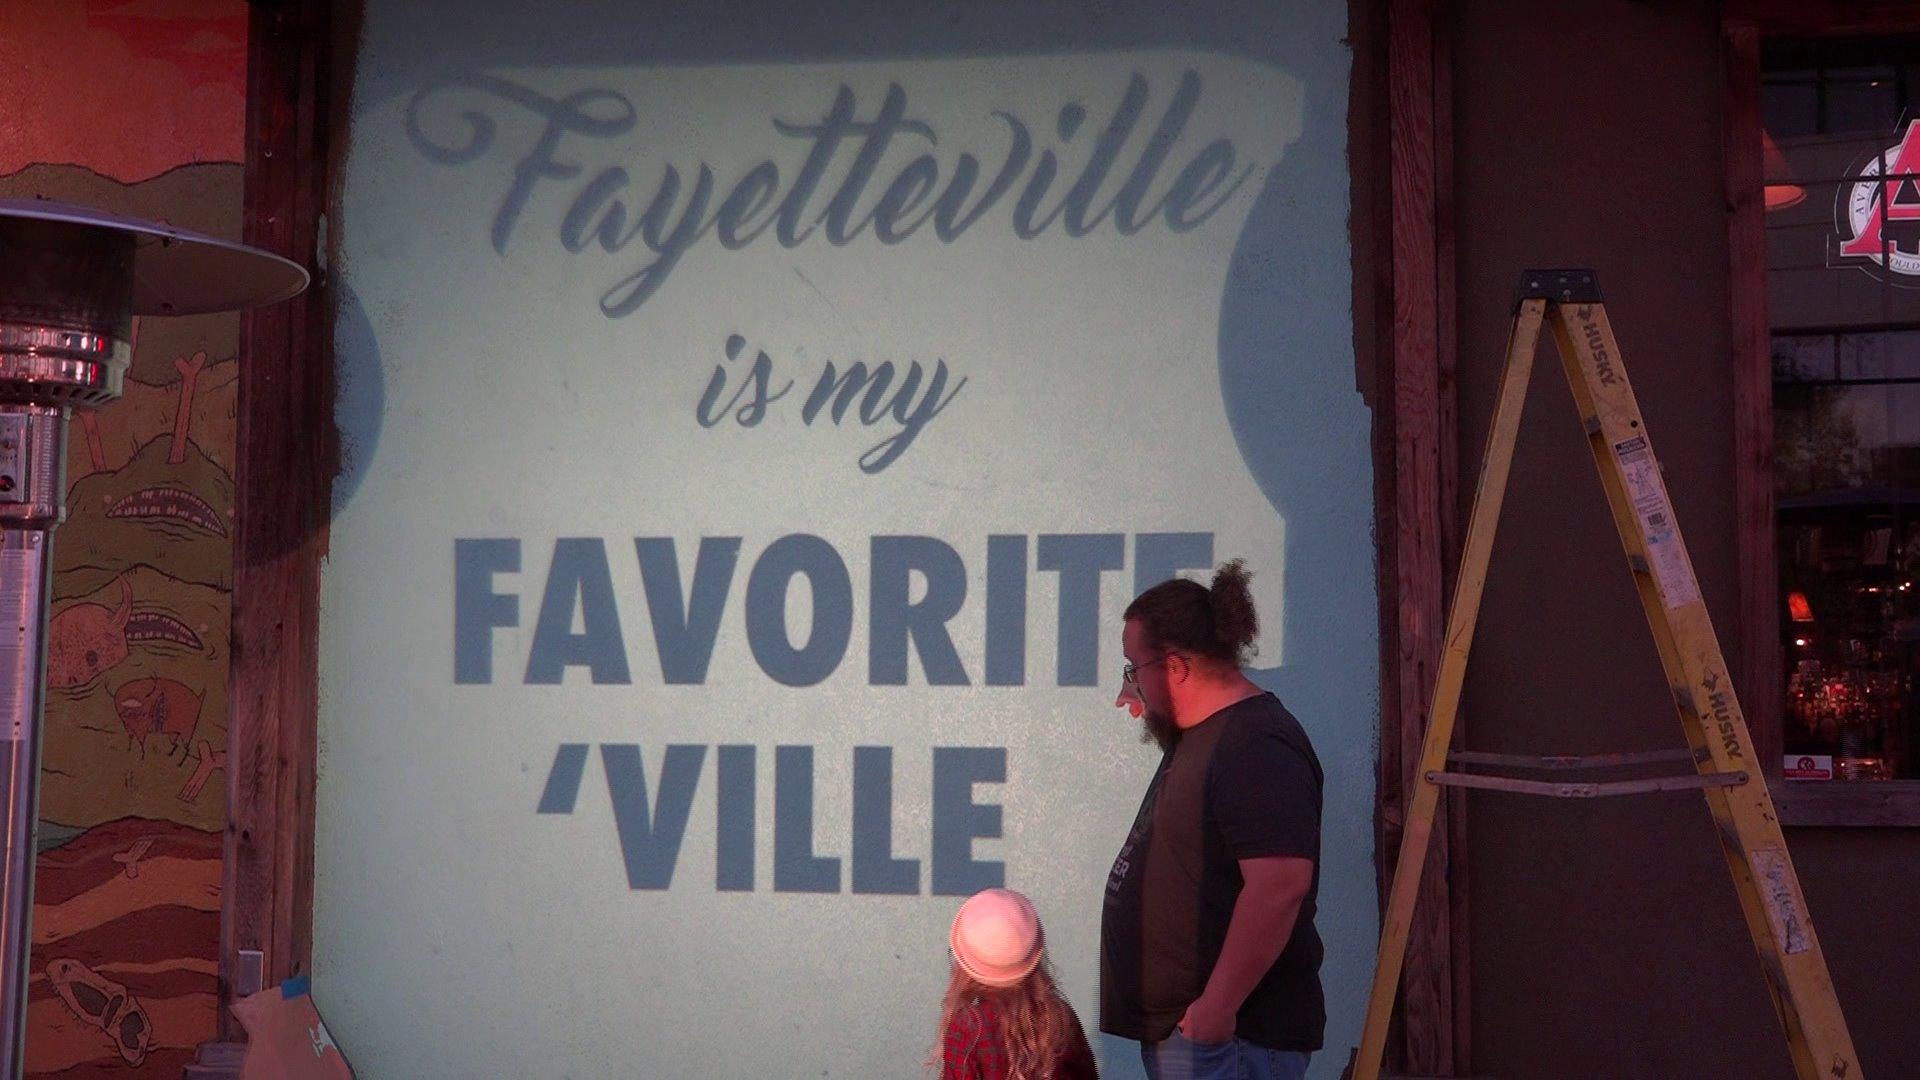 paint-ville